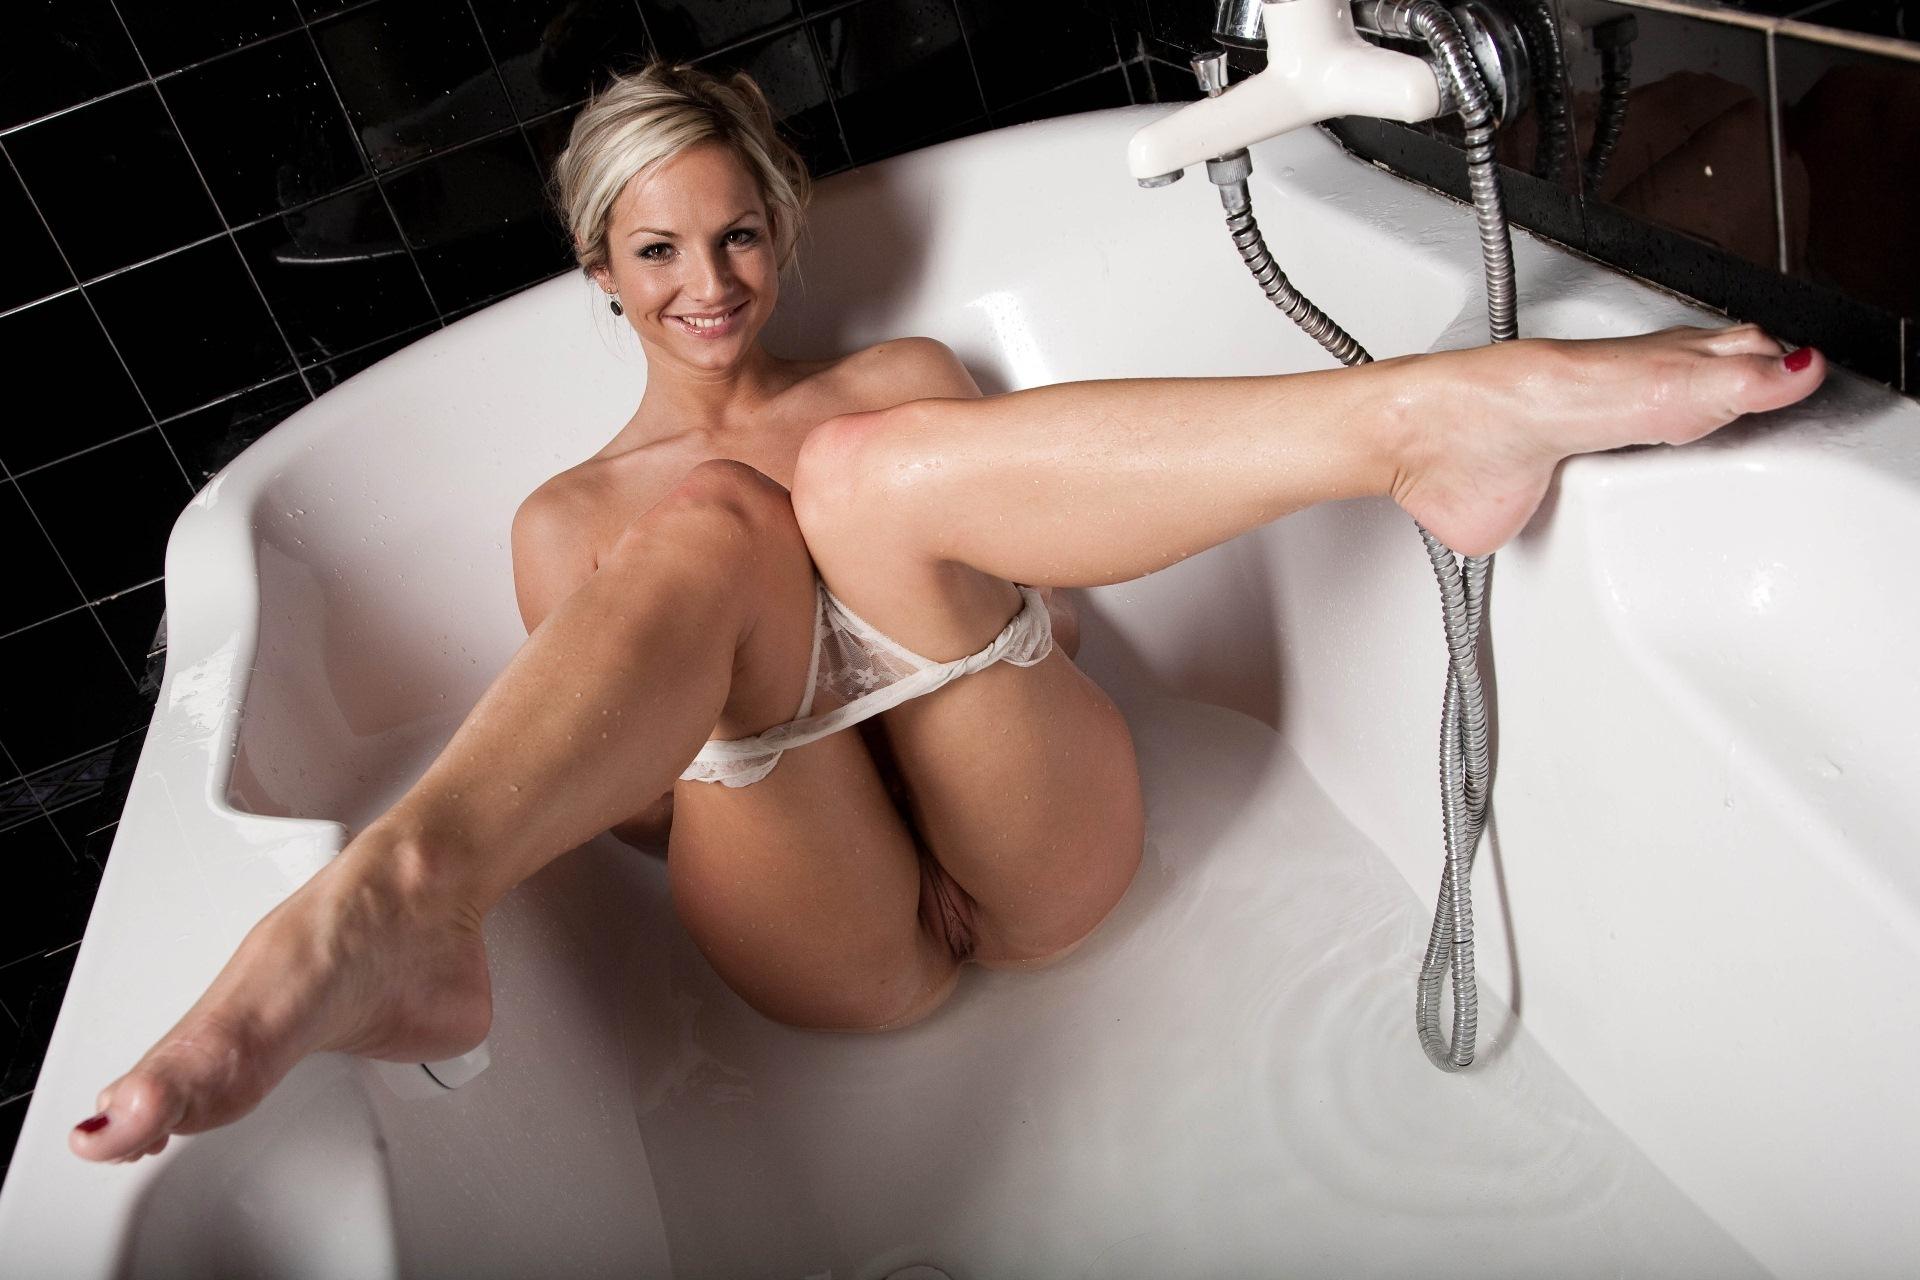 Смотреть порно фото знаменитостей женщины 16 фотография